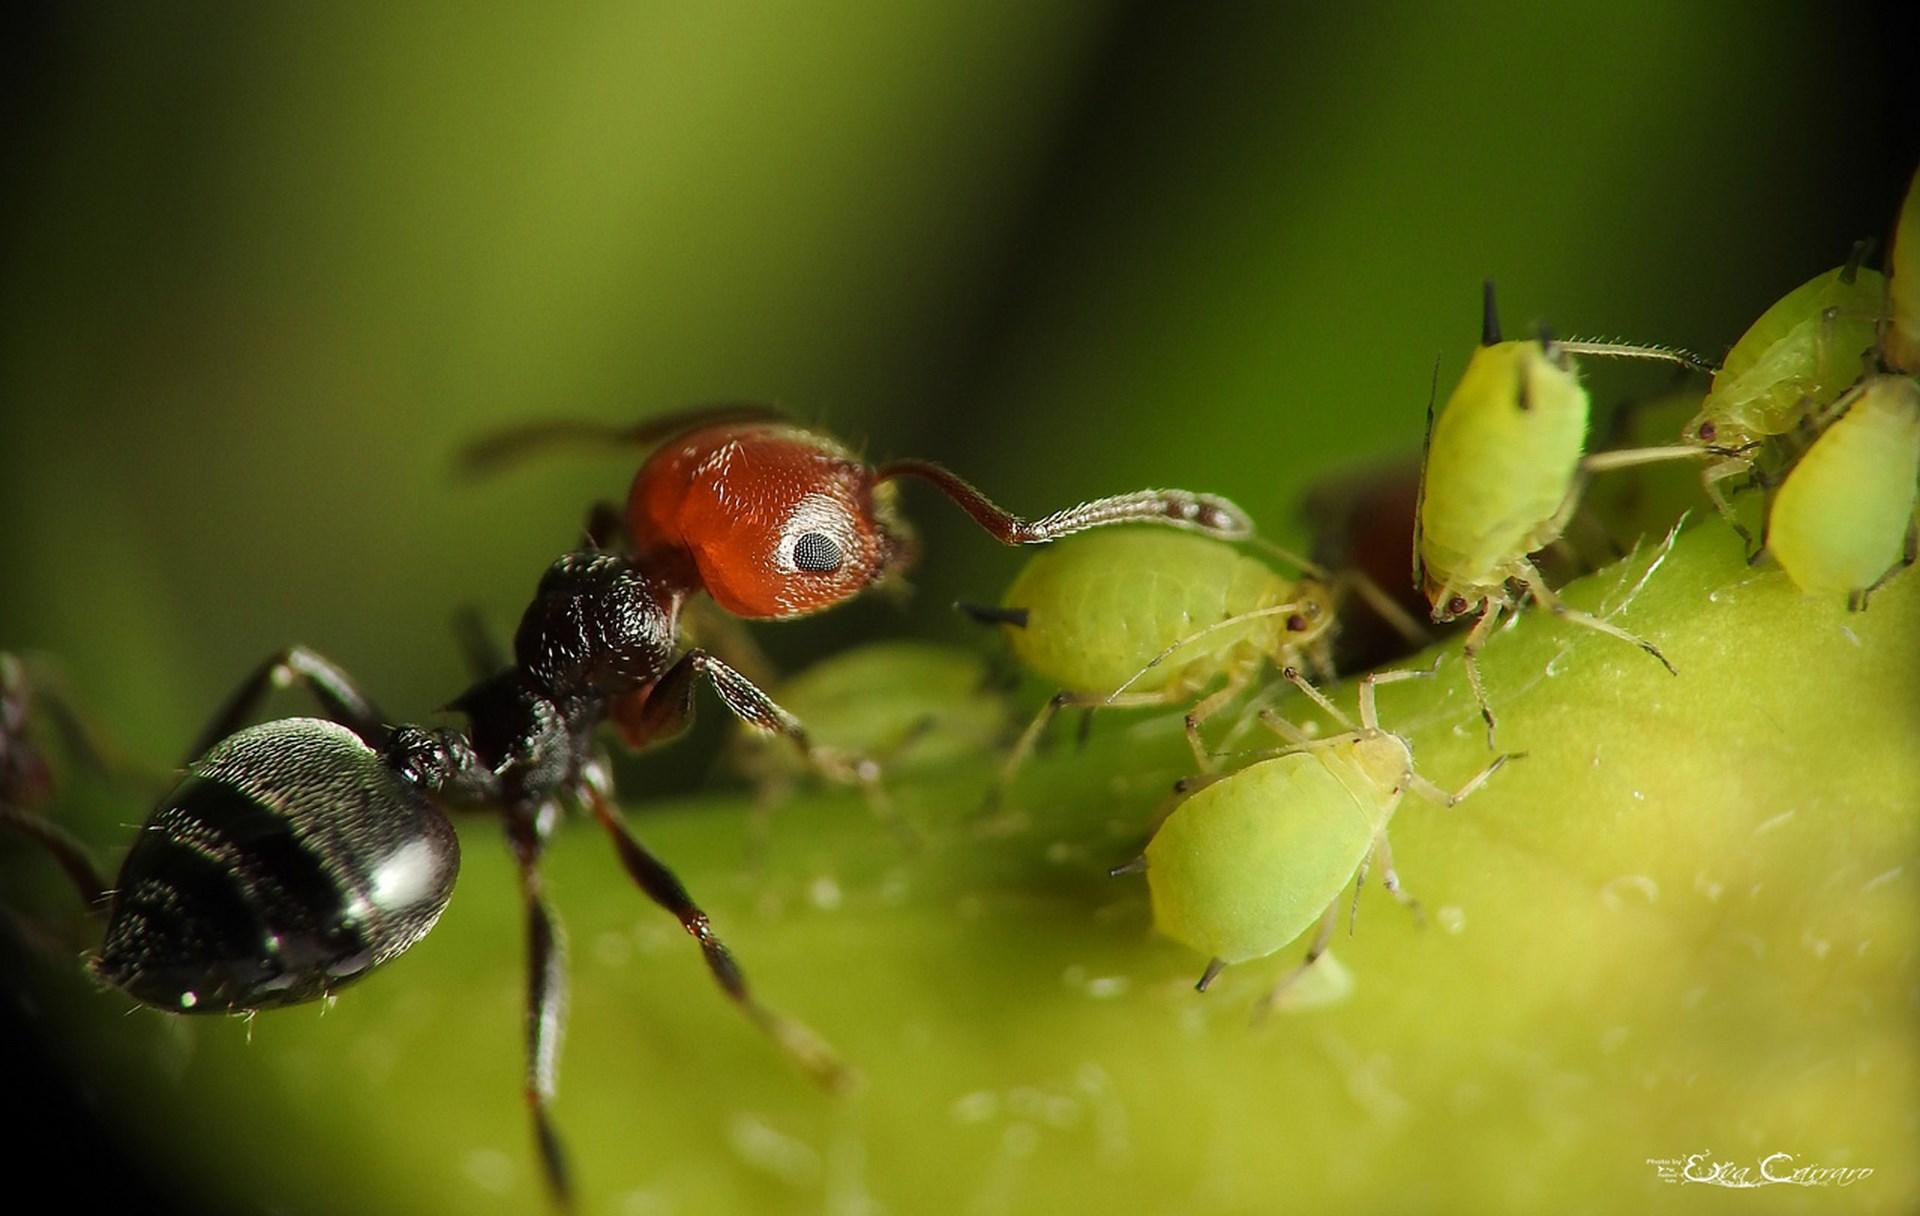 Formica nell'atto di accudire gli afidi - © Eva Carraro, brutto